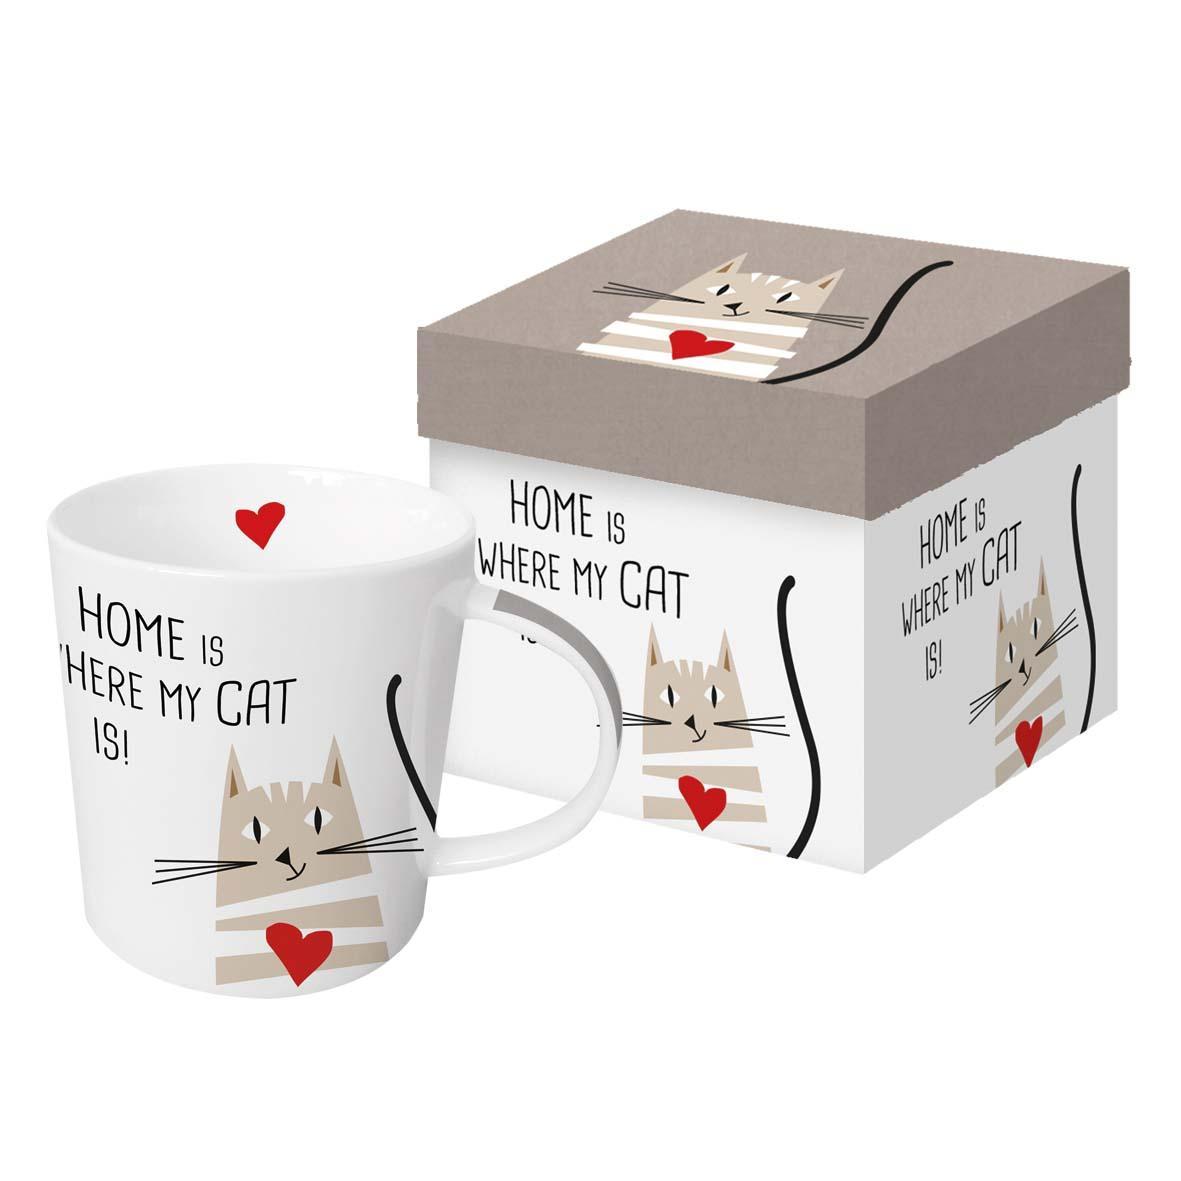 Šolja u poklon kutiji HOME CAT